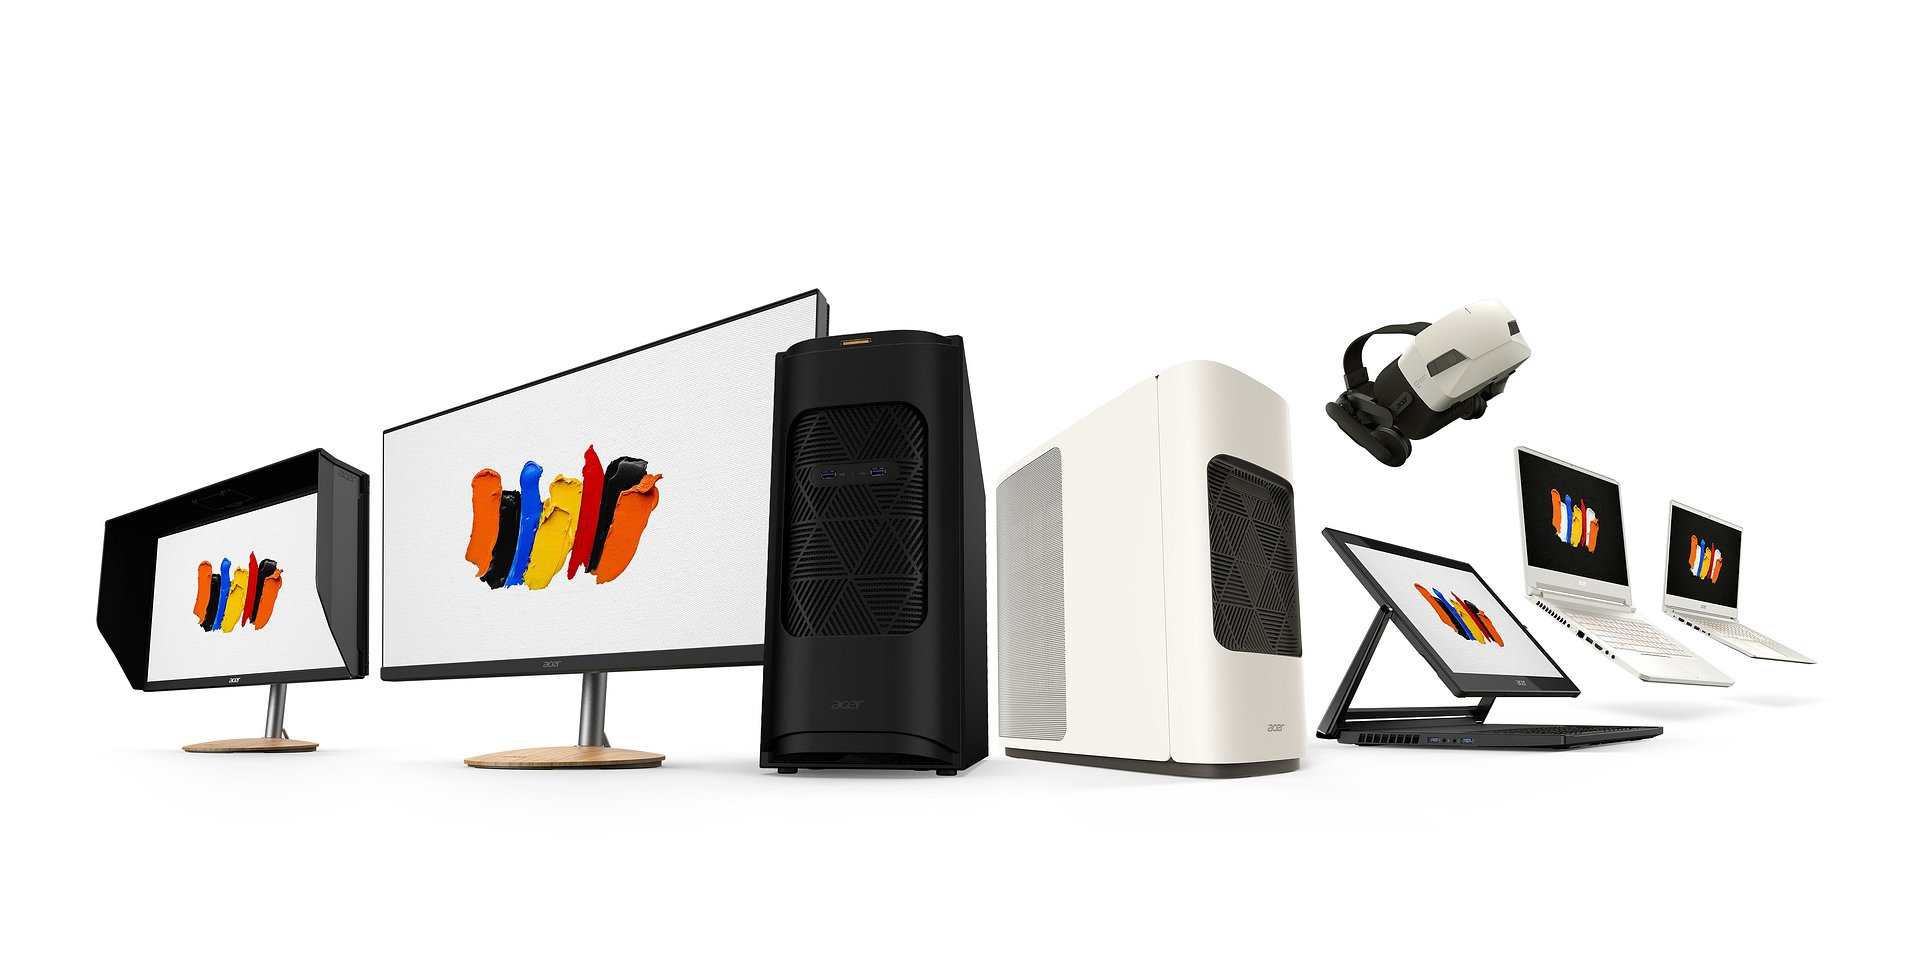 [LV] Acer paziņo par ConceptD — pilnu produktu portfeli, kas radīts radošo profesiju pārstāvjiem